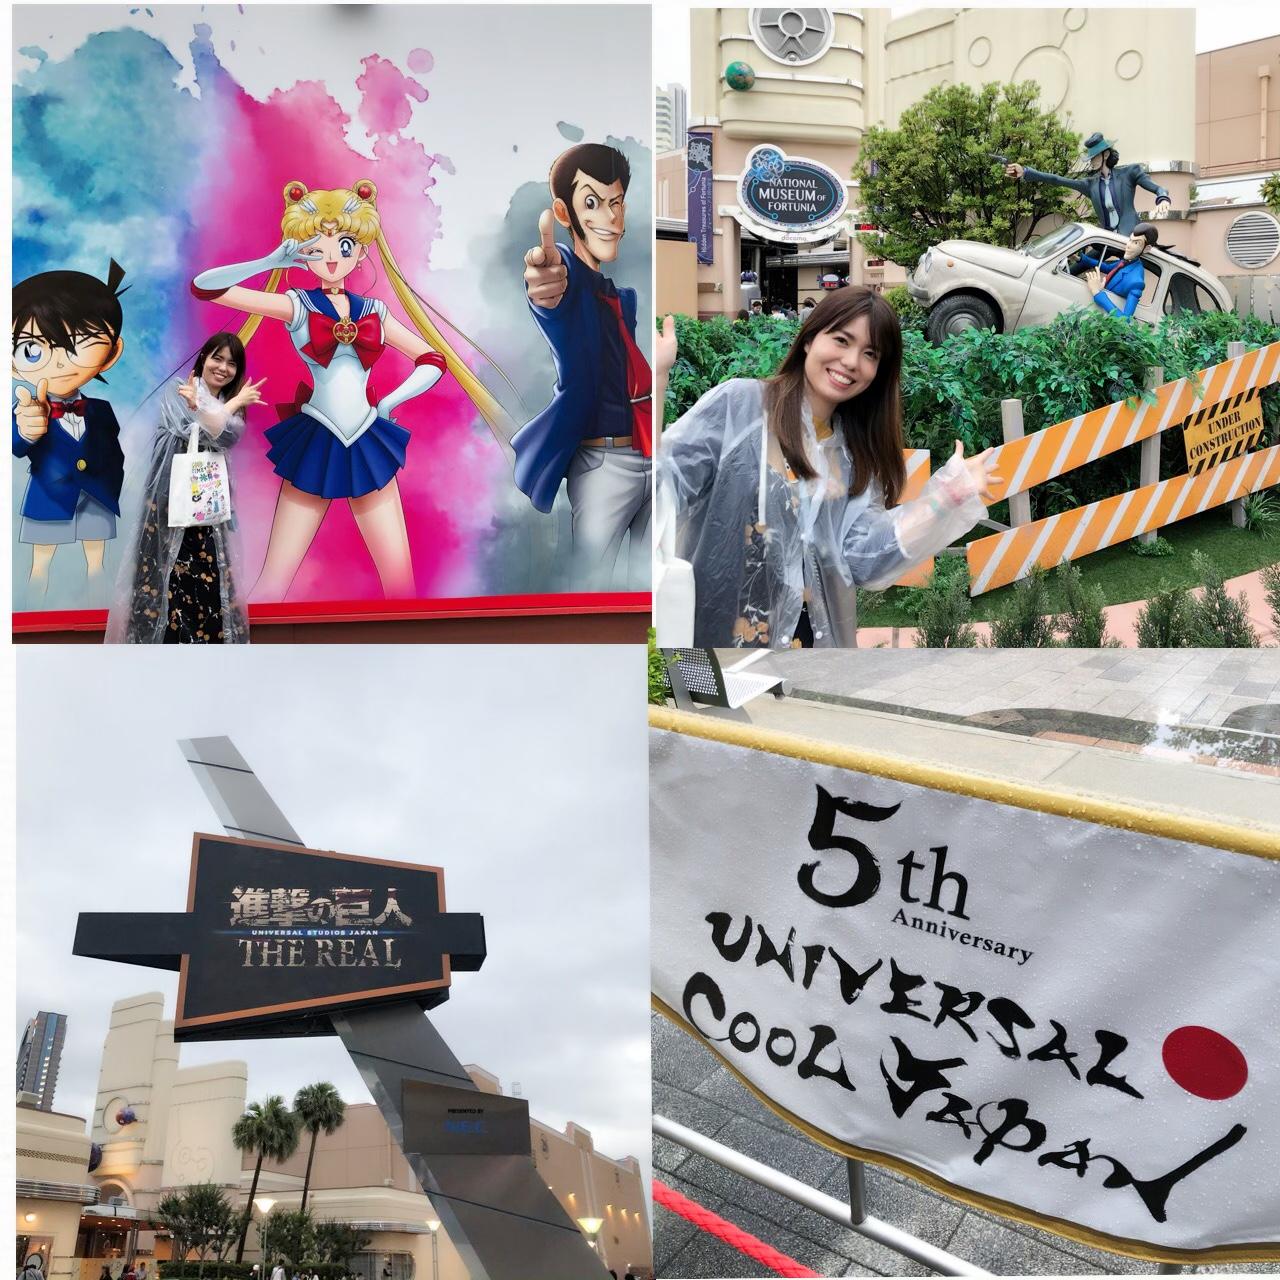 <USJ>今年も熱いユニバーサル・クールジャパン&世界初登場の最新アトラクションを遊びつくしてきました♡_2